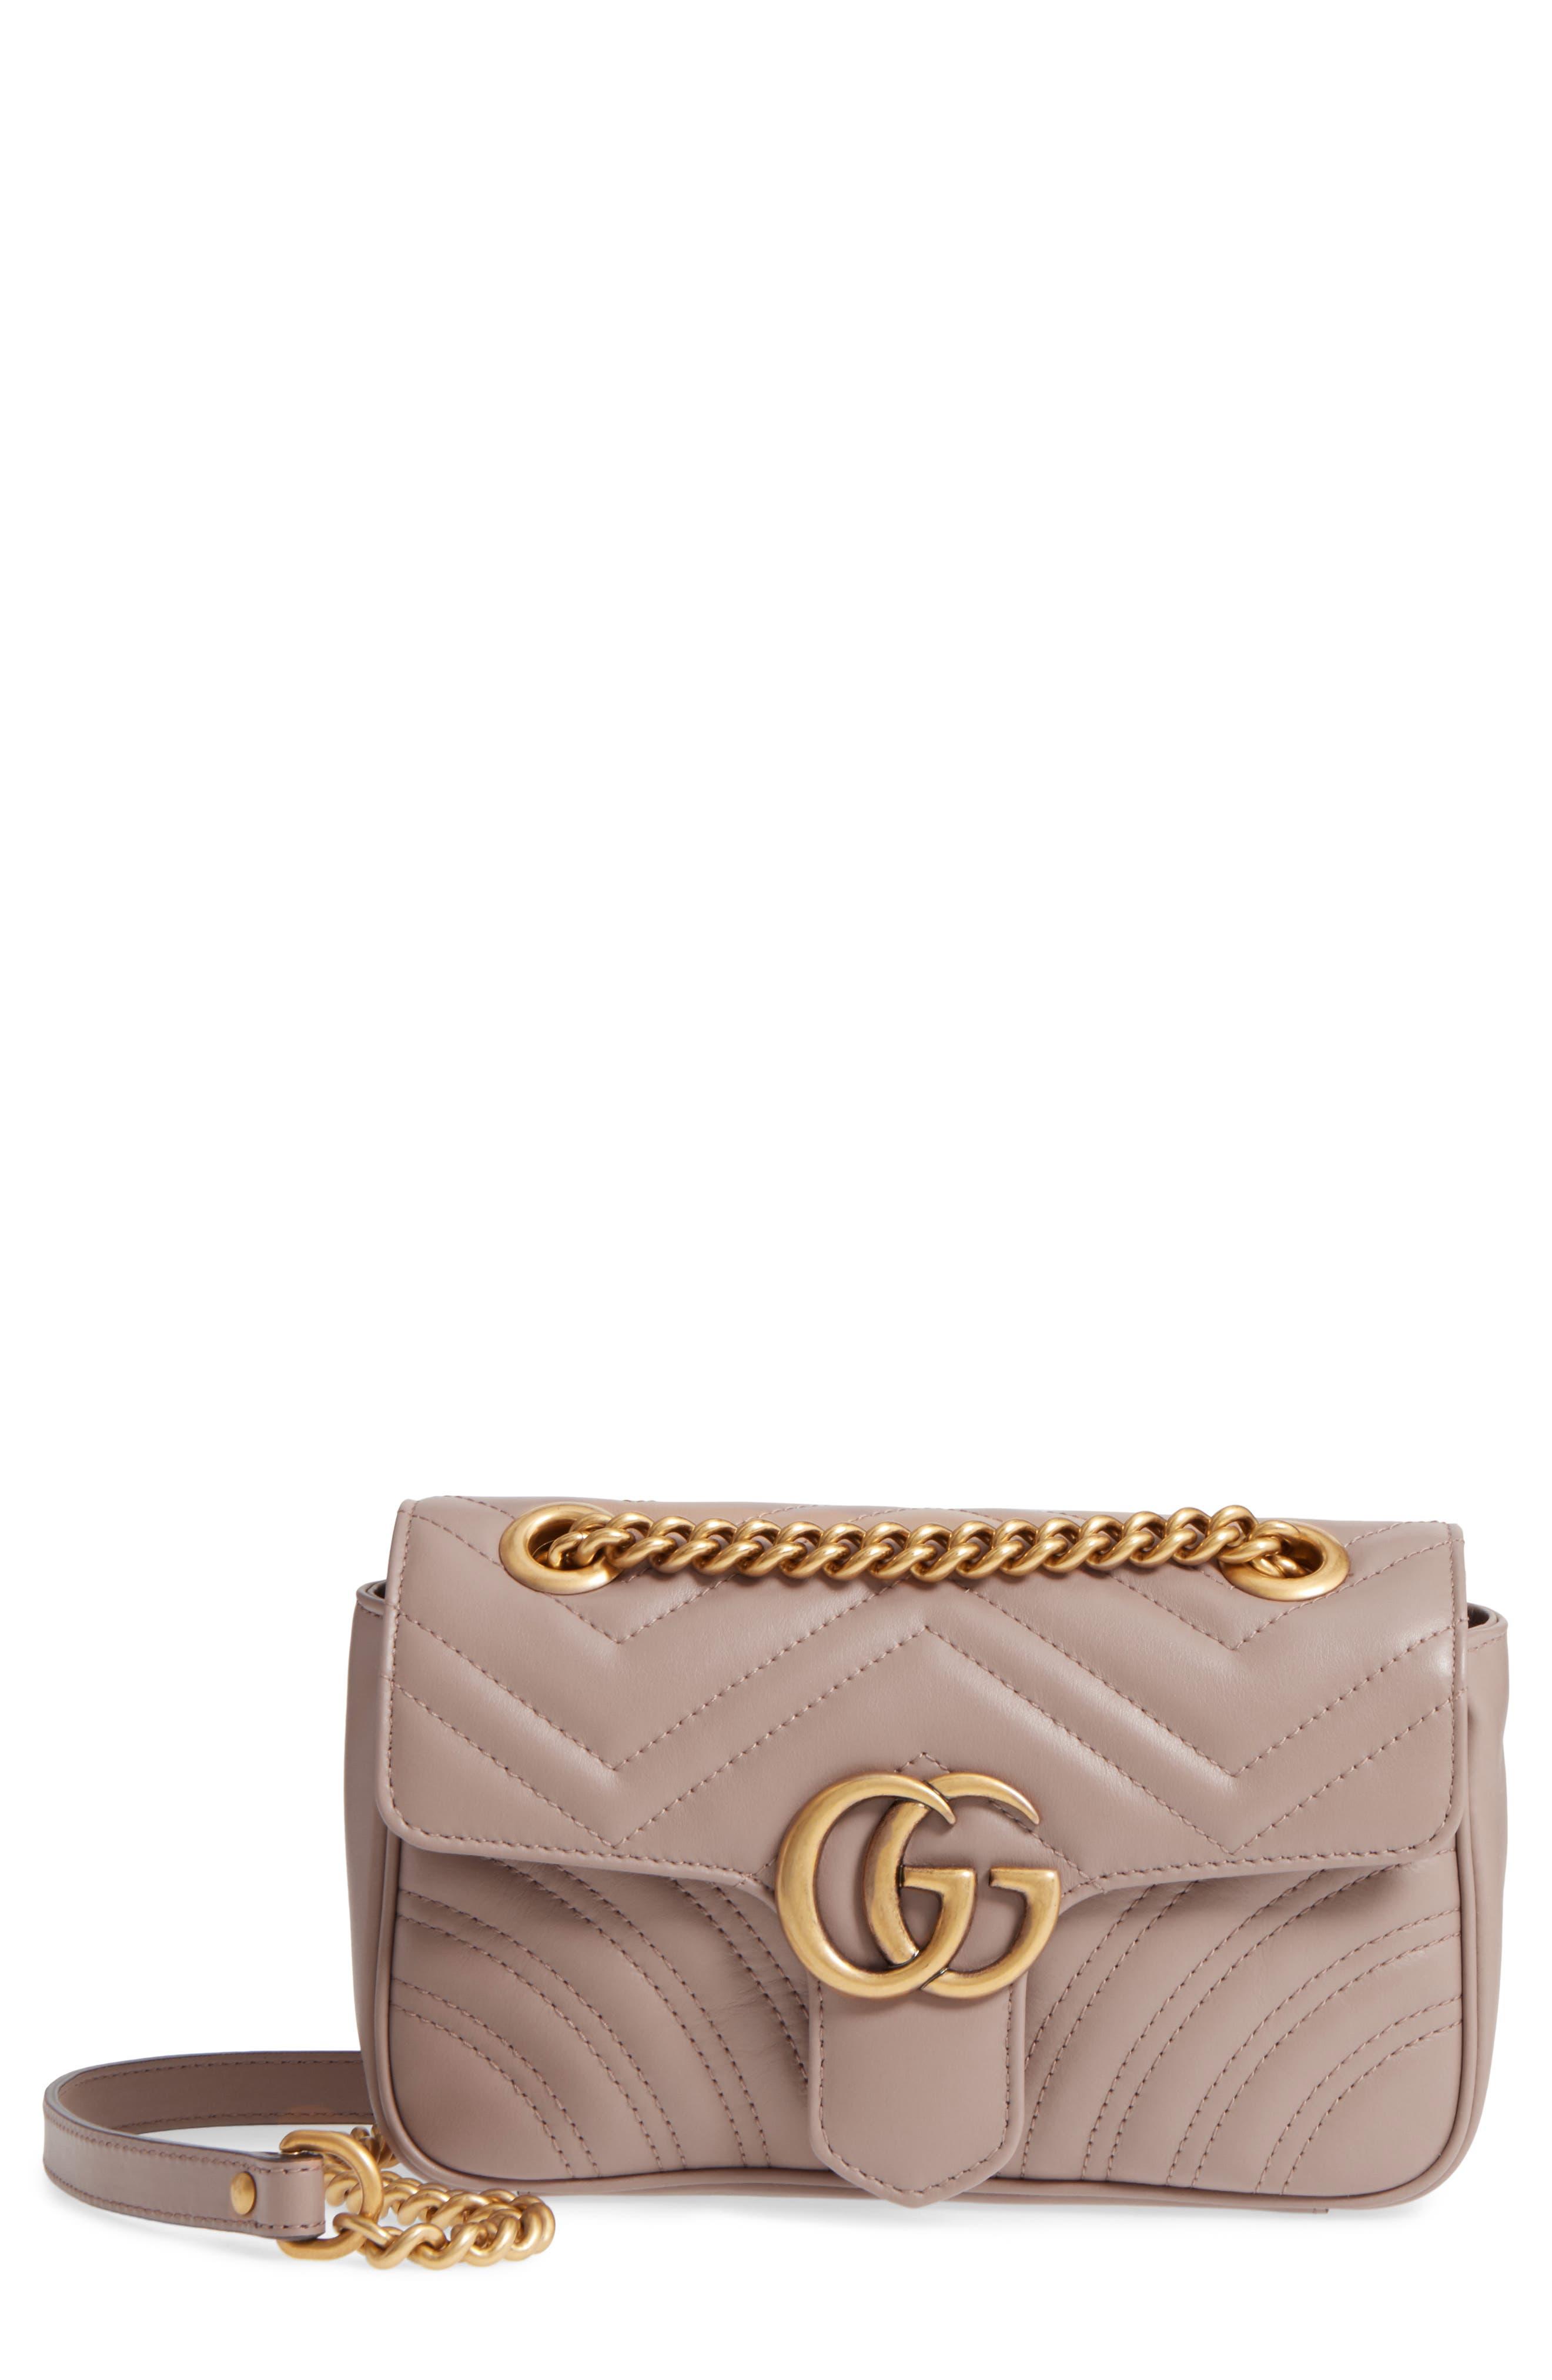 Mini GG Marmont 2.0 Matelassé Leather Shoulder Bag,                         Main,                         color, Porcelain Rose